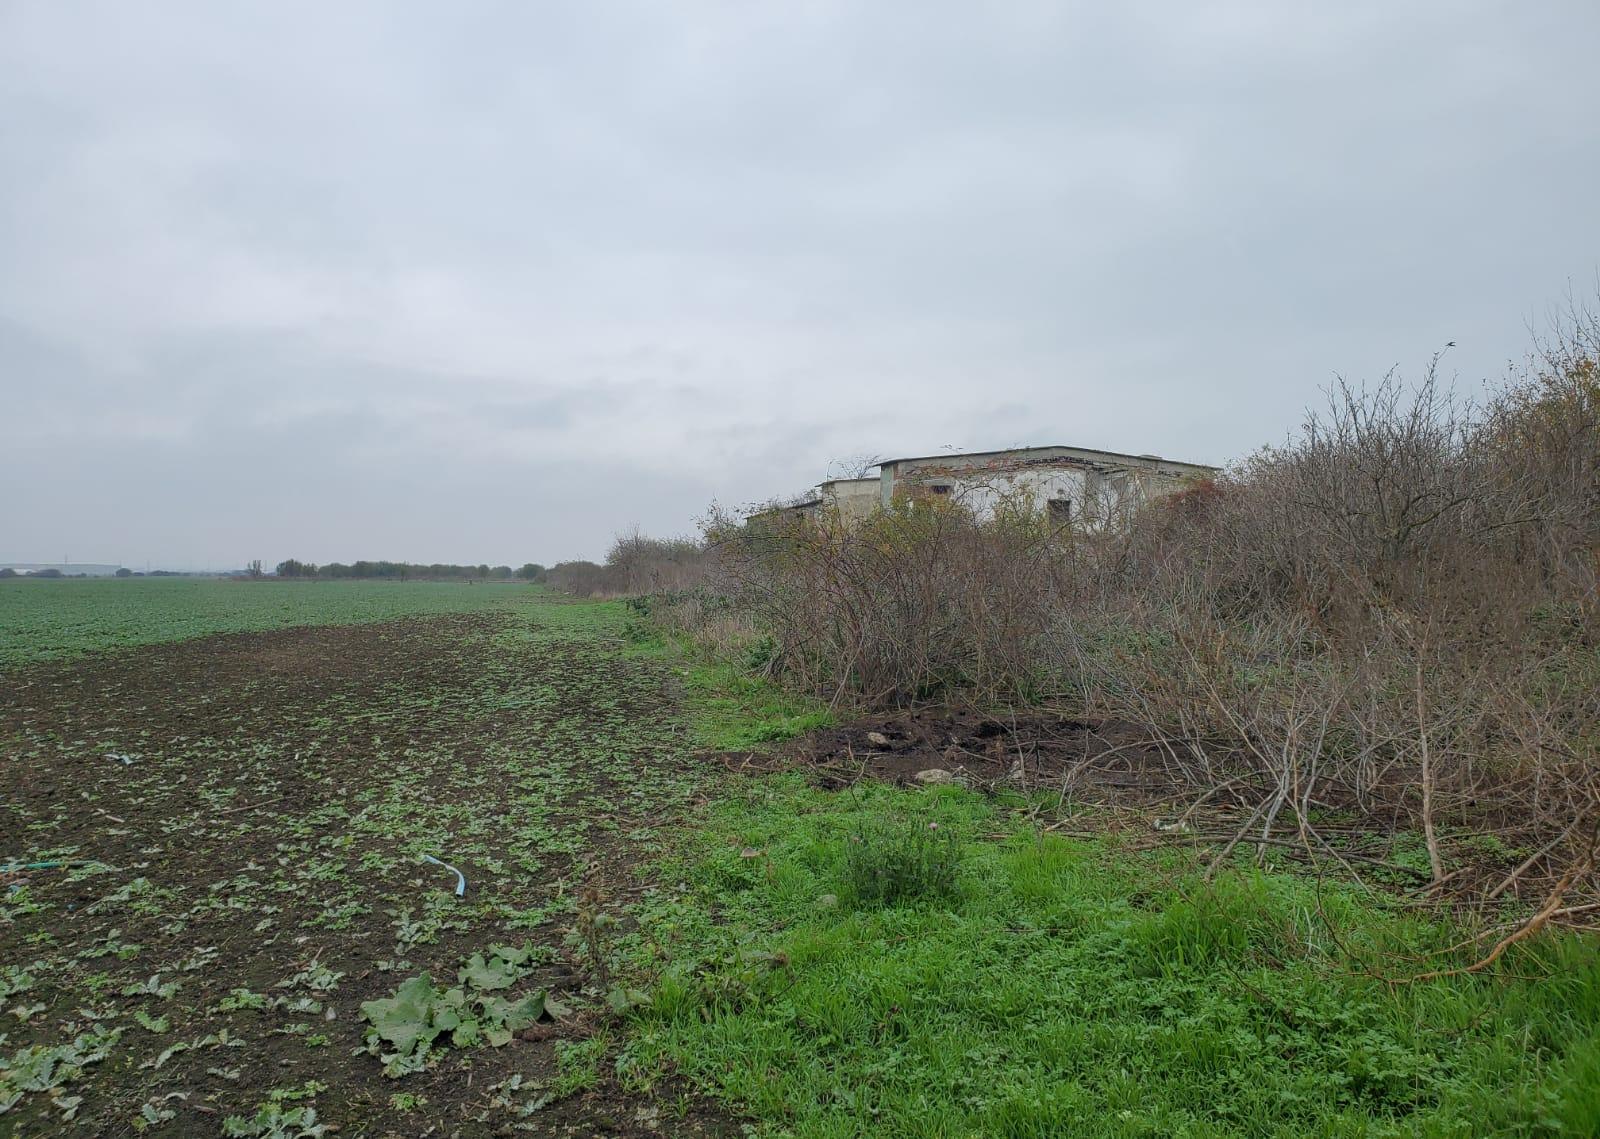 Vand teren zona Aradul Nou la iesirea spre Timisoara